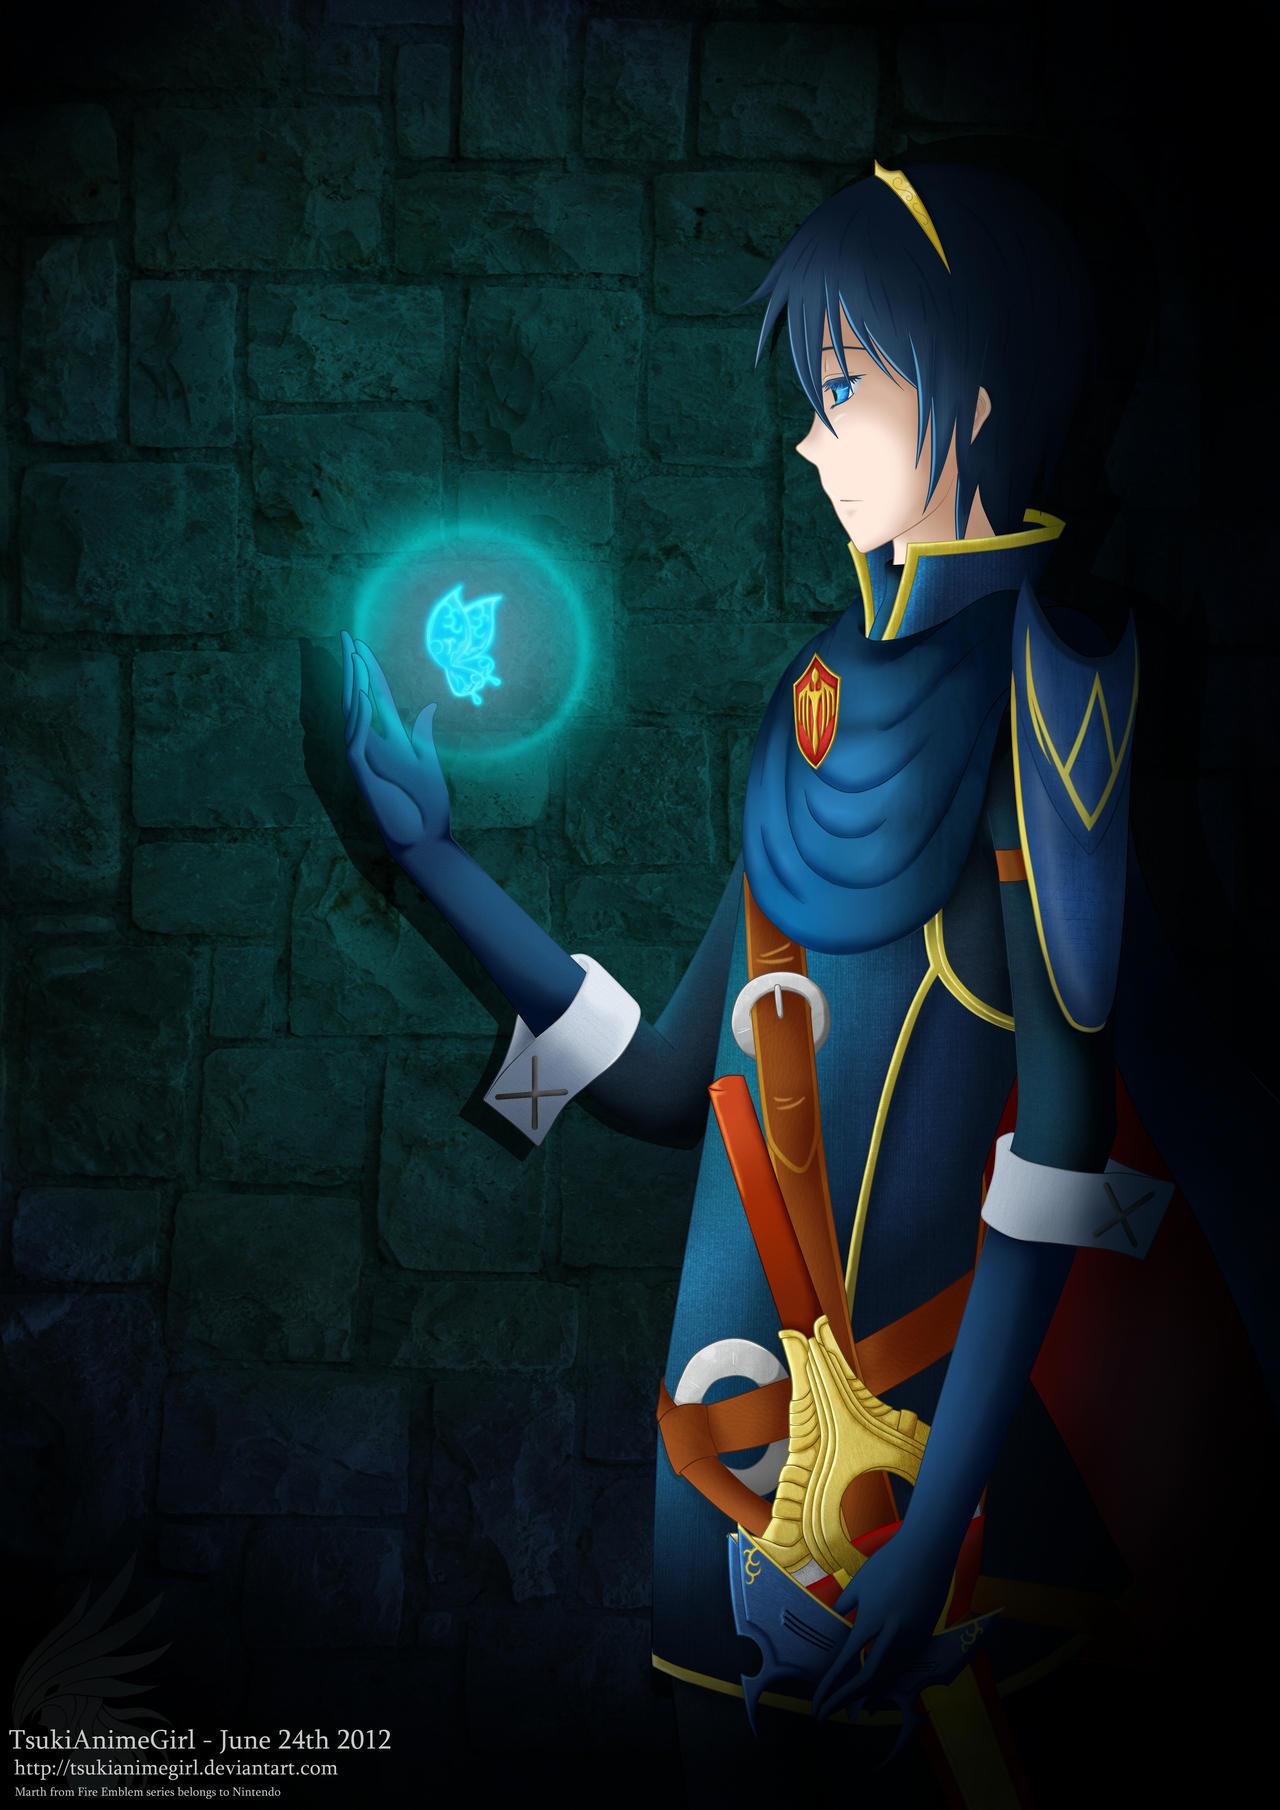 The Awakening of Fate by TsukiAnimeGirl